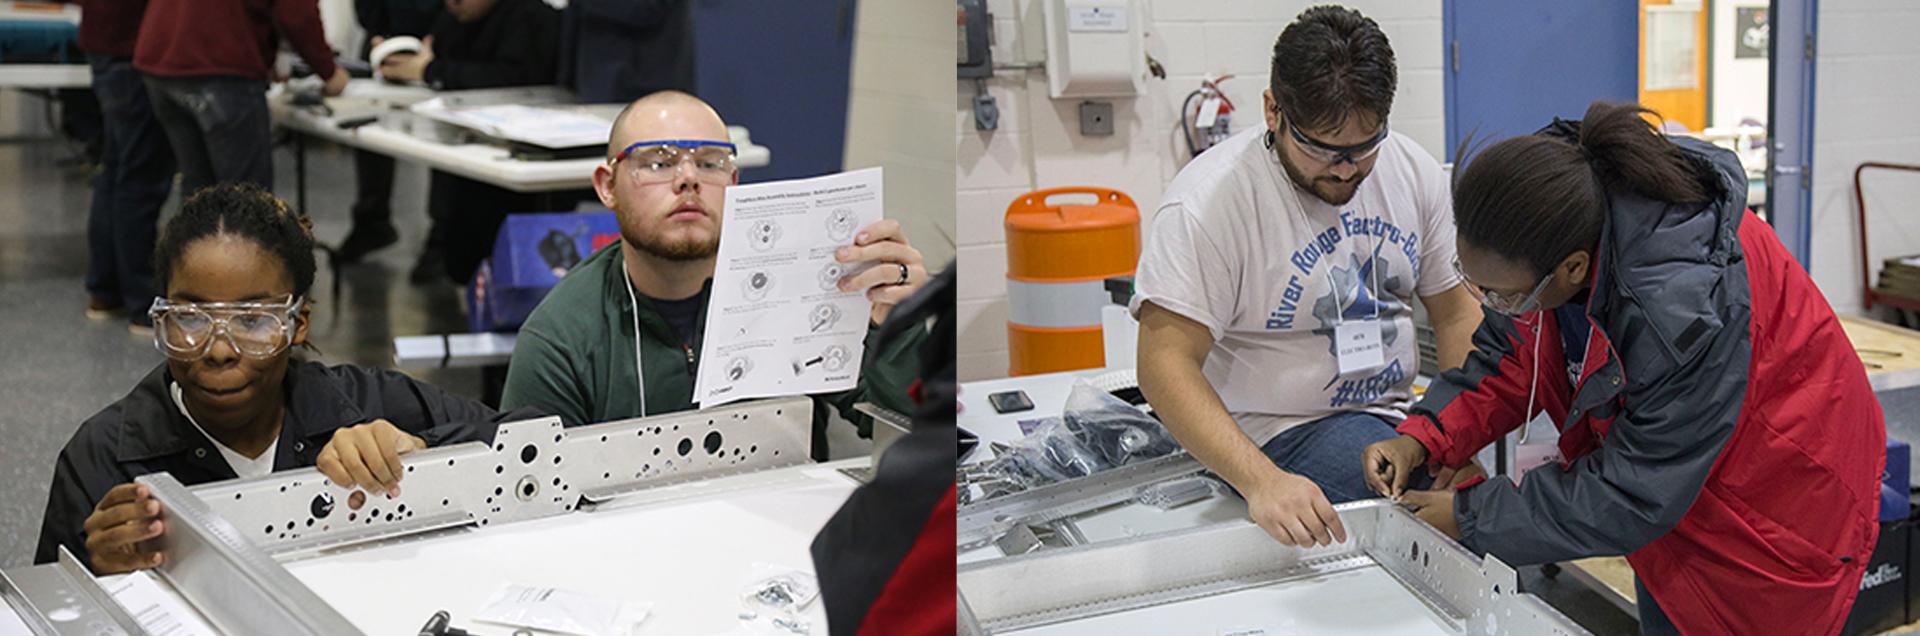 Participants in the Detroit's Robotics Agile Workforce